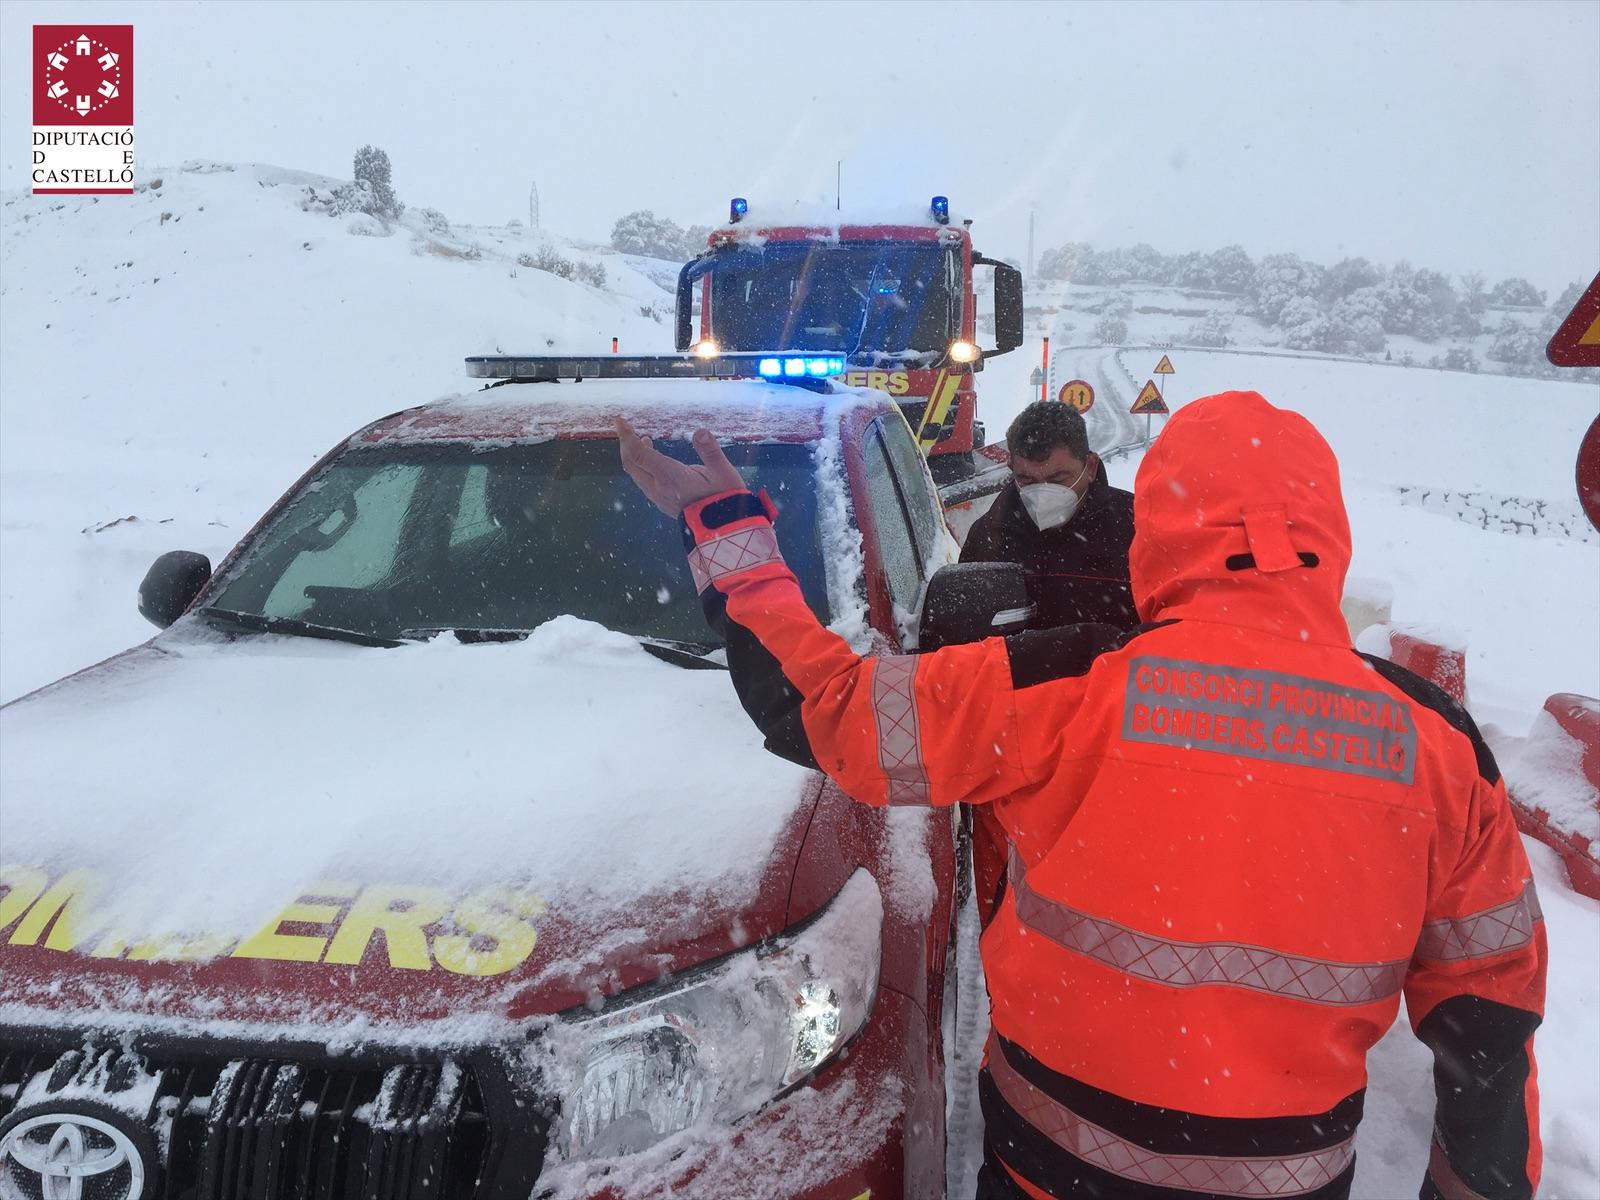 La Diputació alerta de la creació de plaques de gel i desaconsella fer ús del cotxe